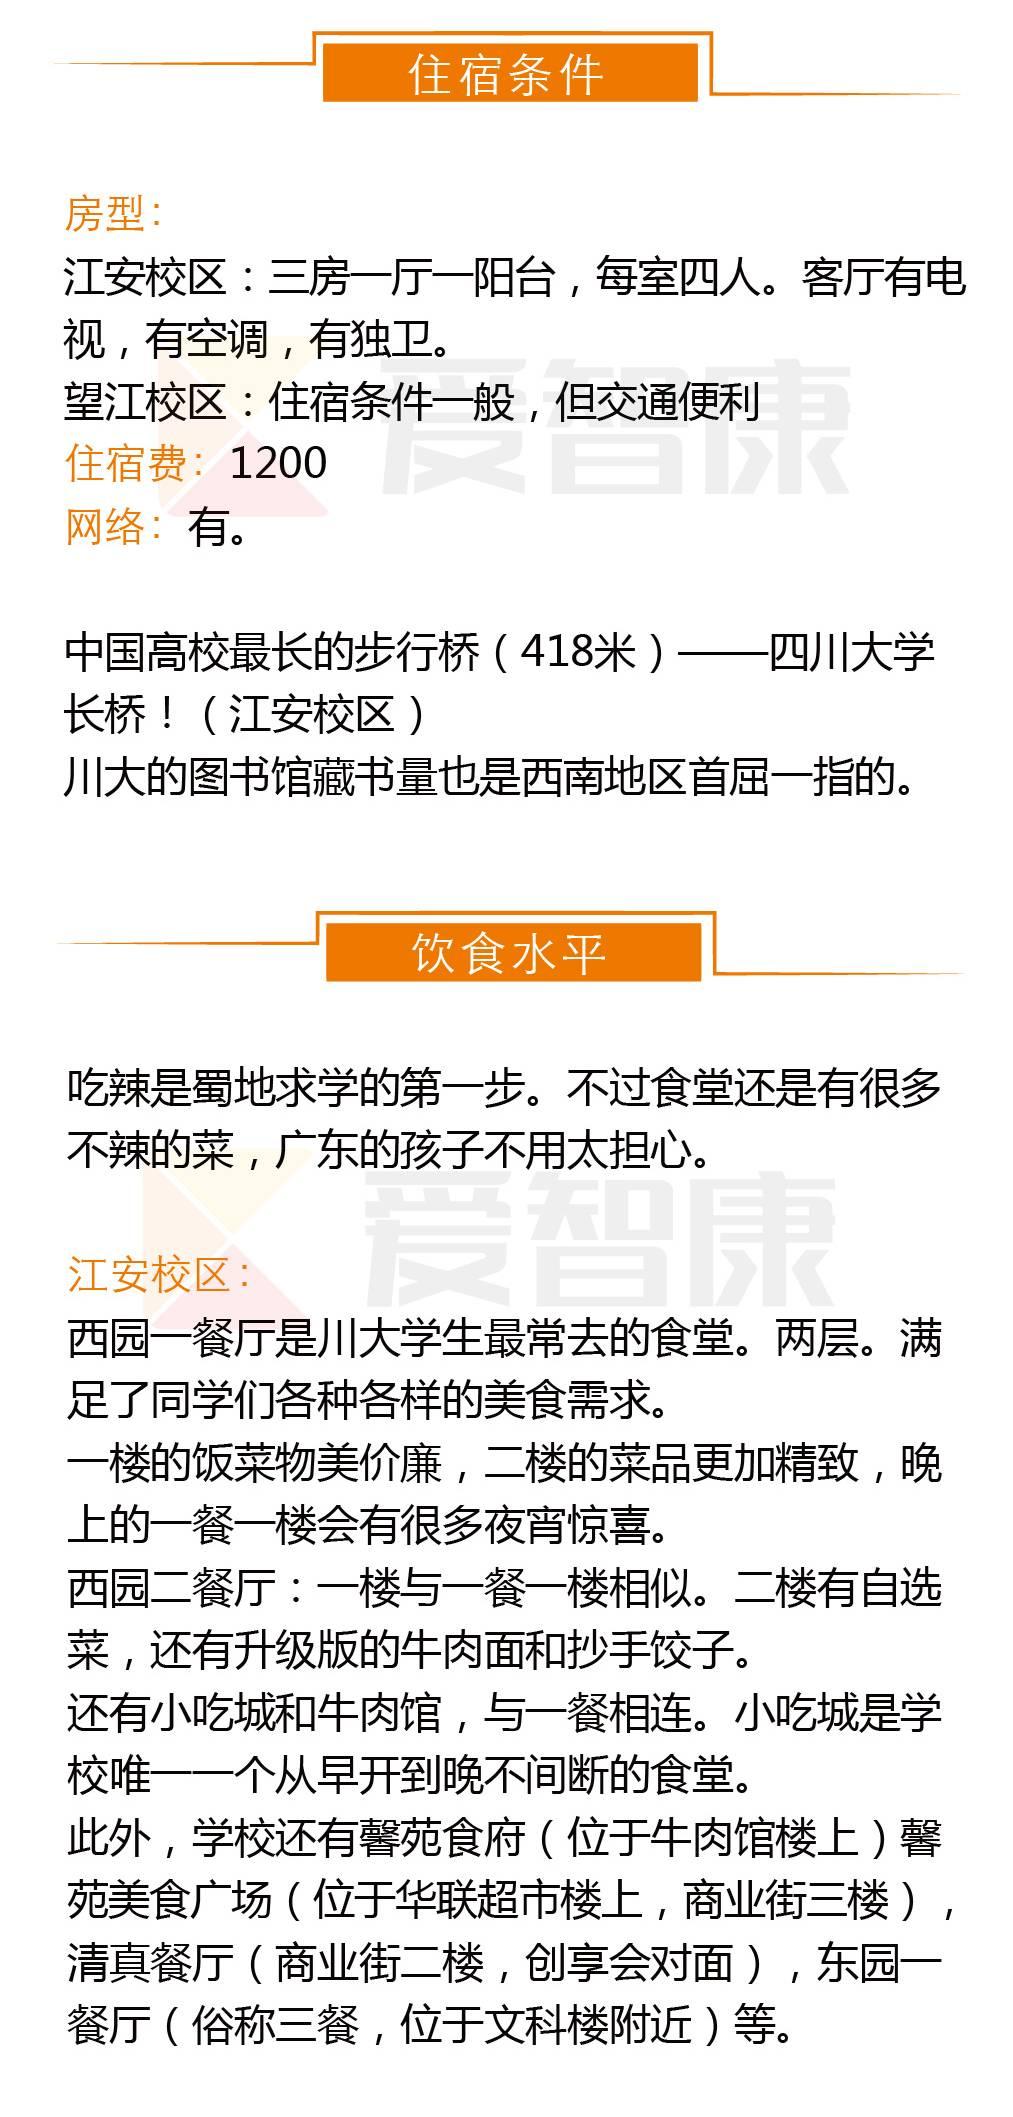 四川大学住宿条件及饮食水平